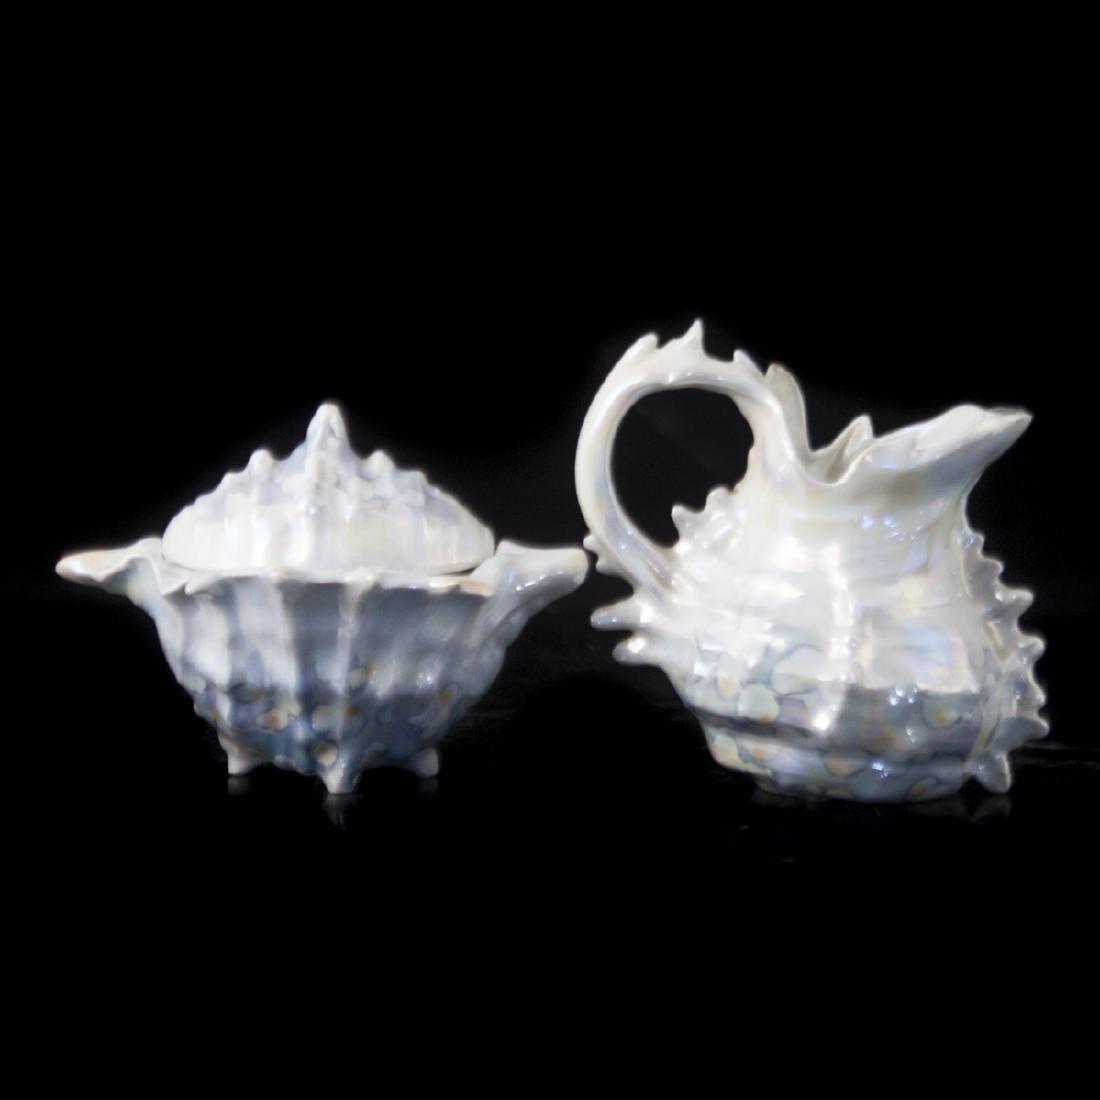 Royal Bayreuth Pearlescent Porcelain Tea Set